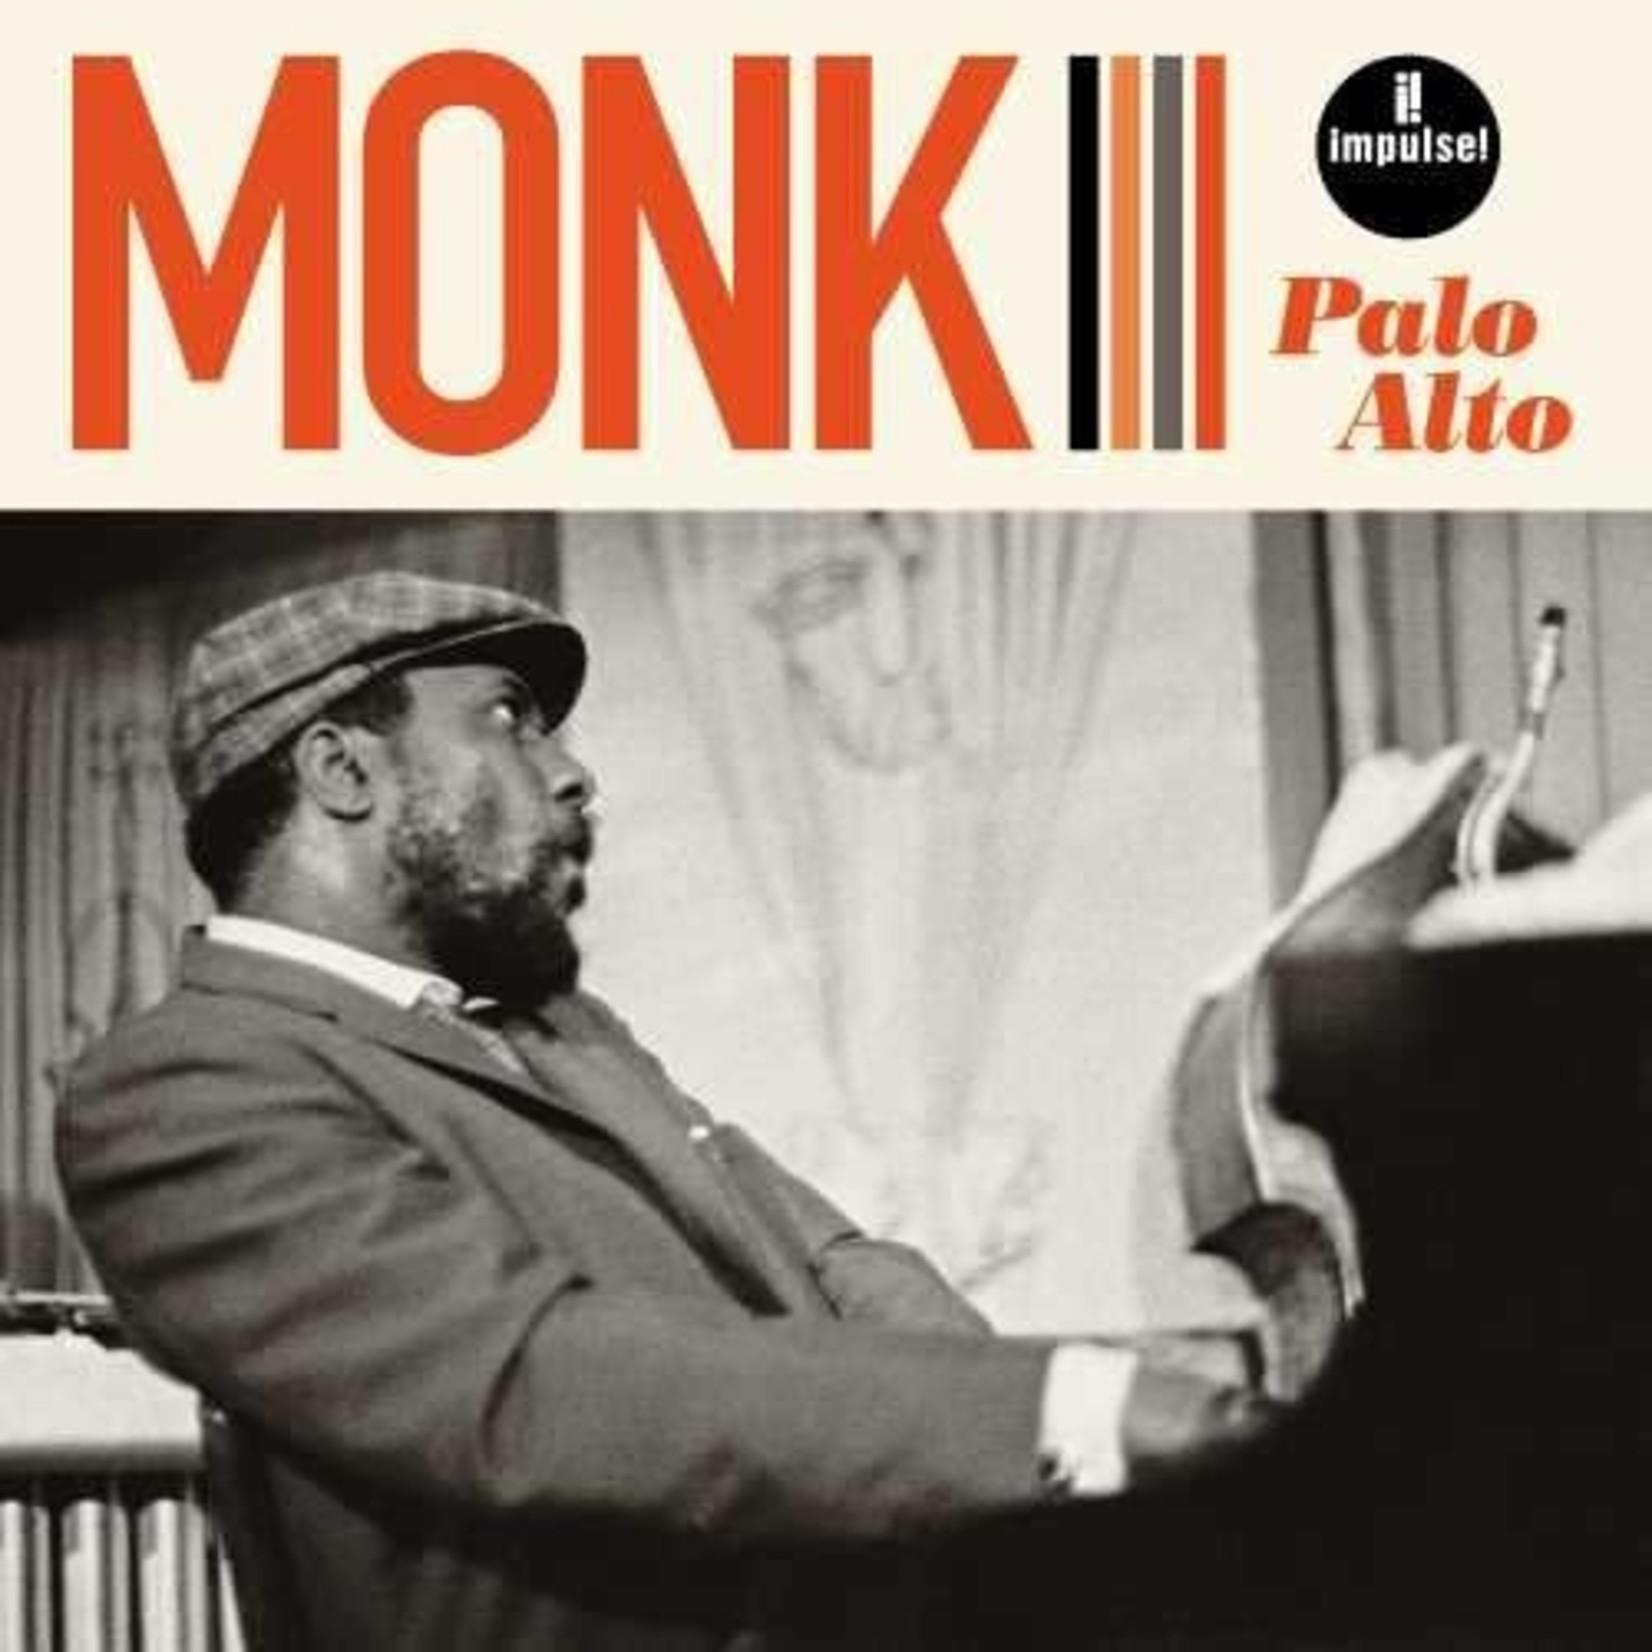 Vinyl Thelonious Monk - Palo Alto